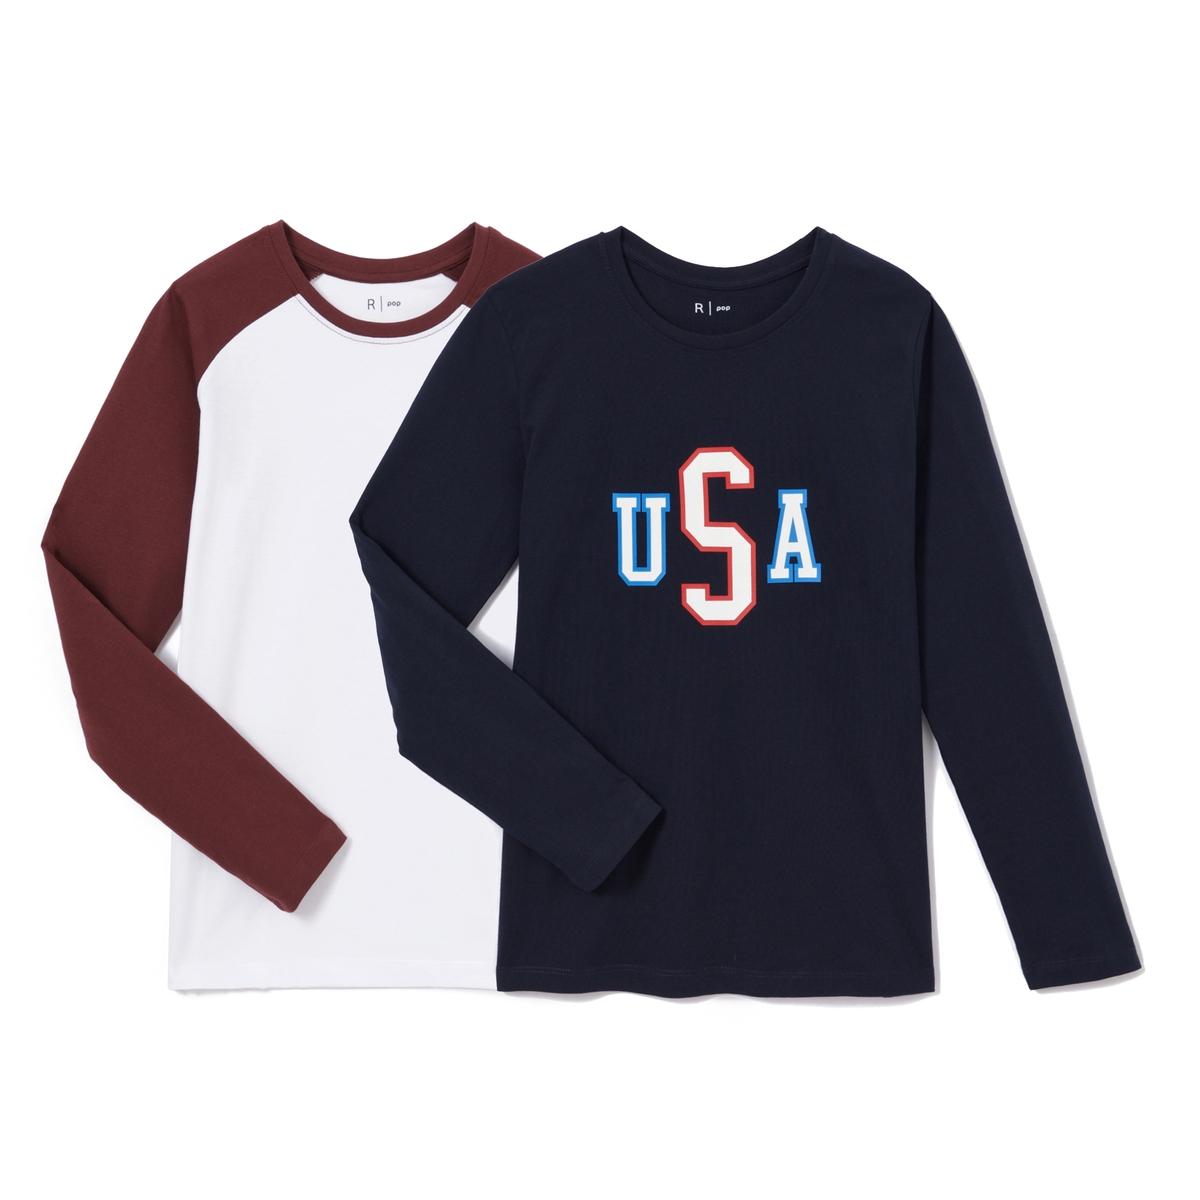 Комплект: футболки с рисунком 10-16 лет футболки